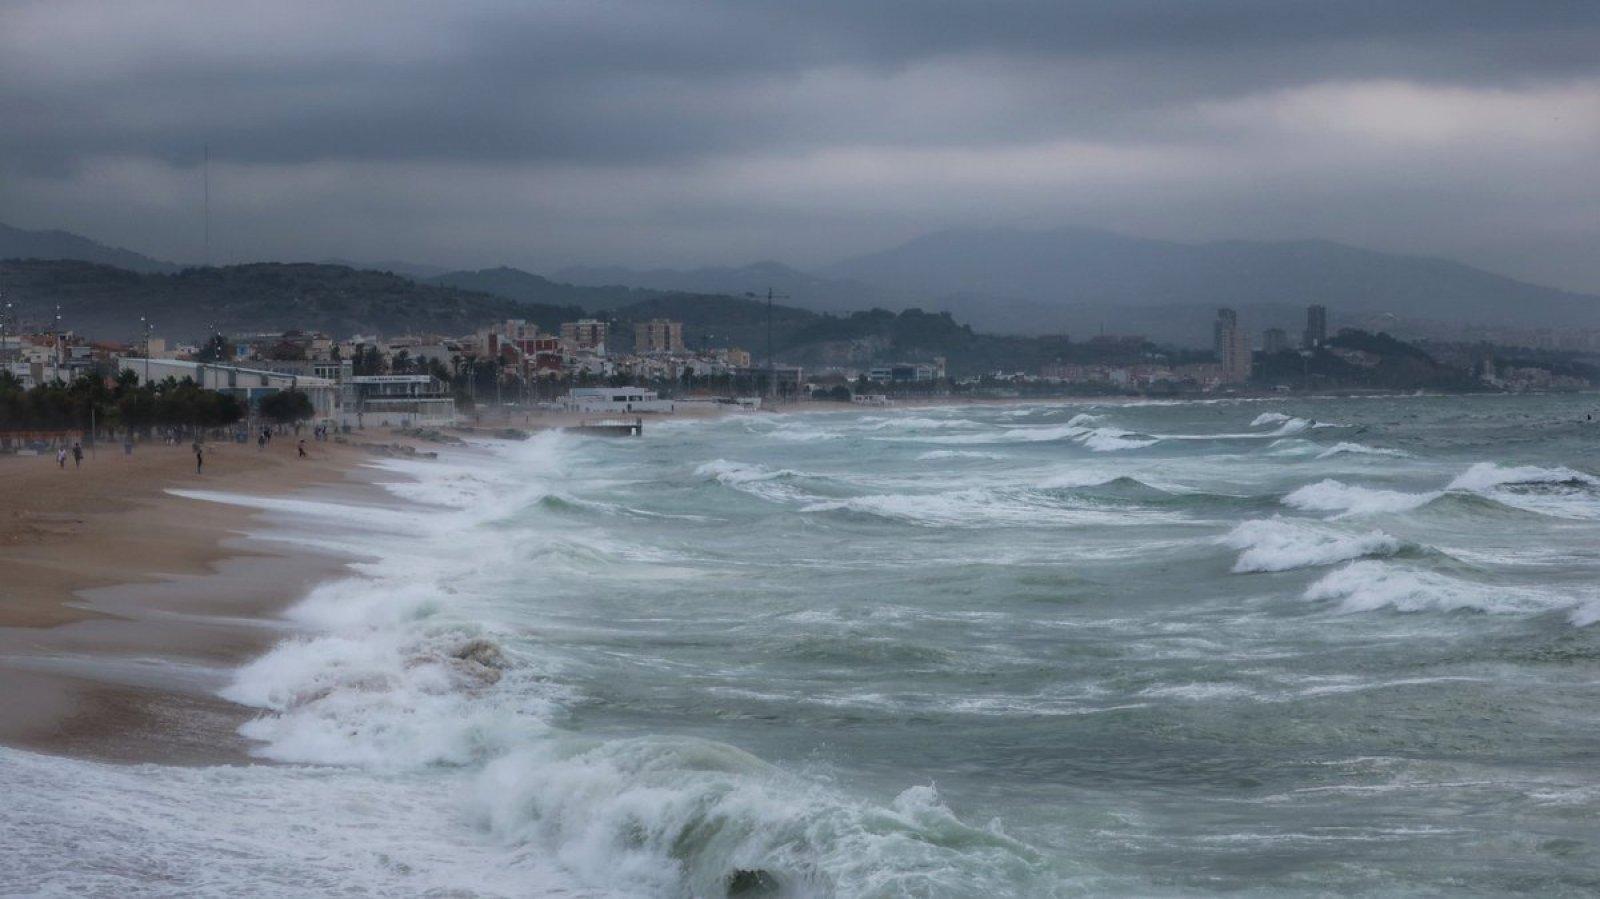 Les onades poden arribar als 4 metres